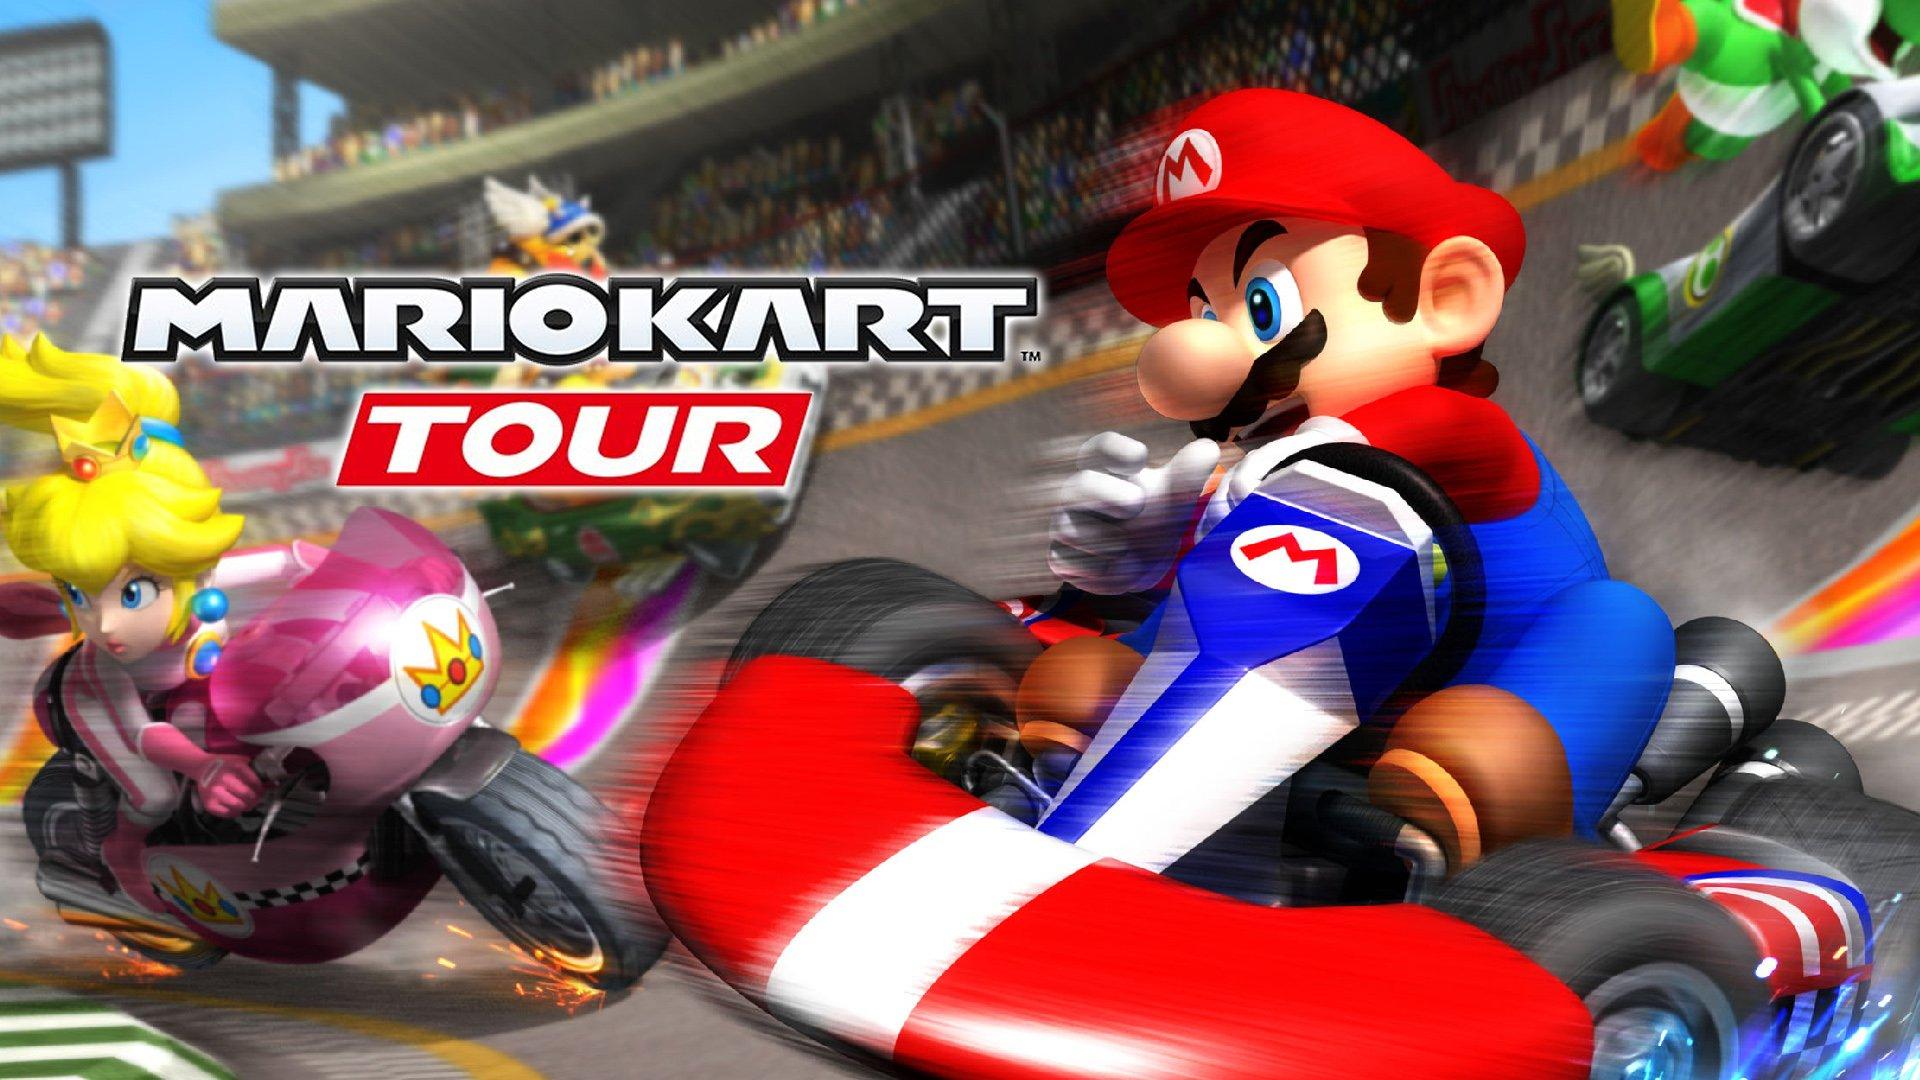 Télécharger Et Installer Mario Kart Tour Sur Android Est à Jeux Gratuit Sur Tablette Sans Telechargement